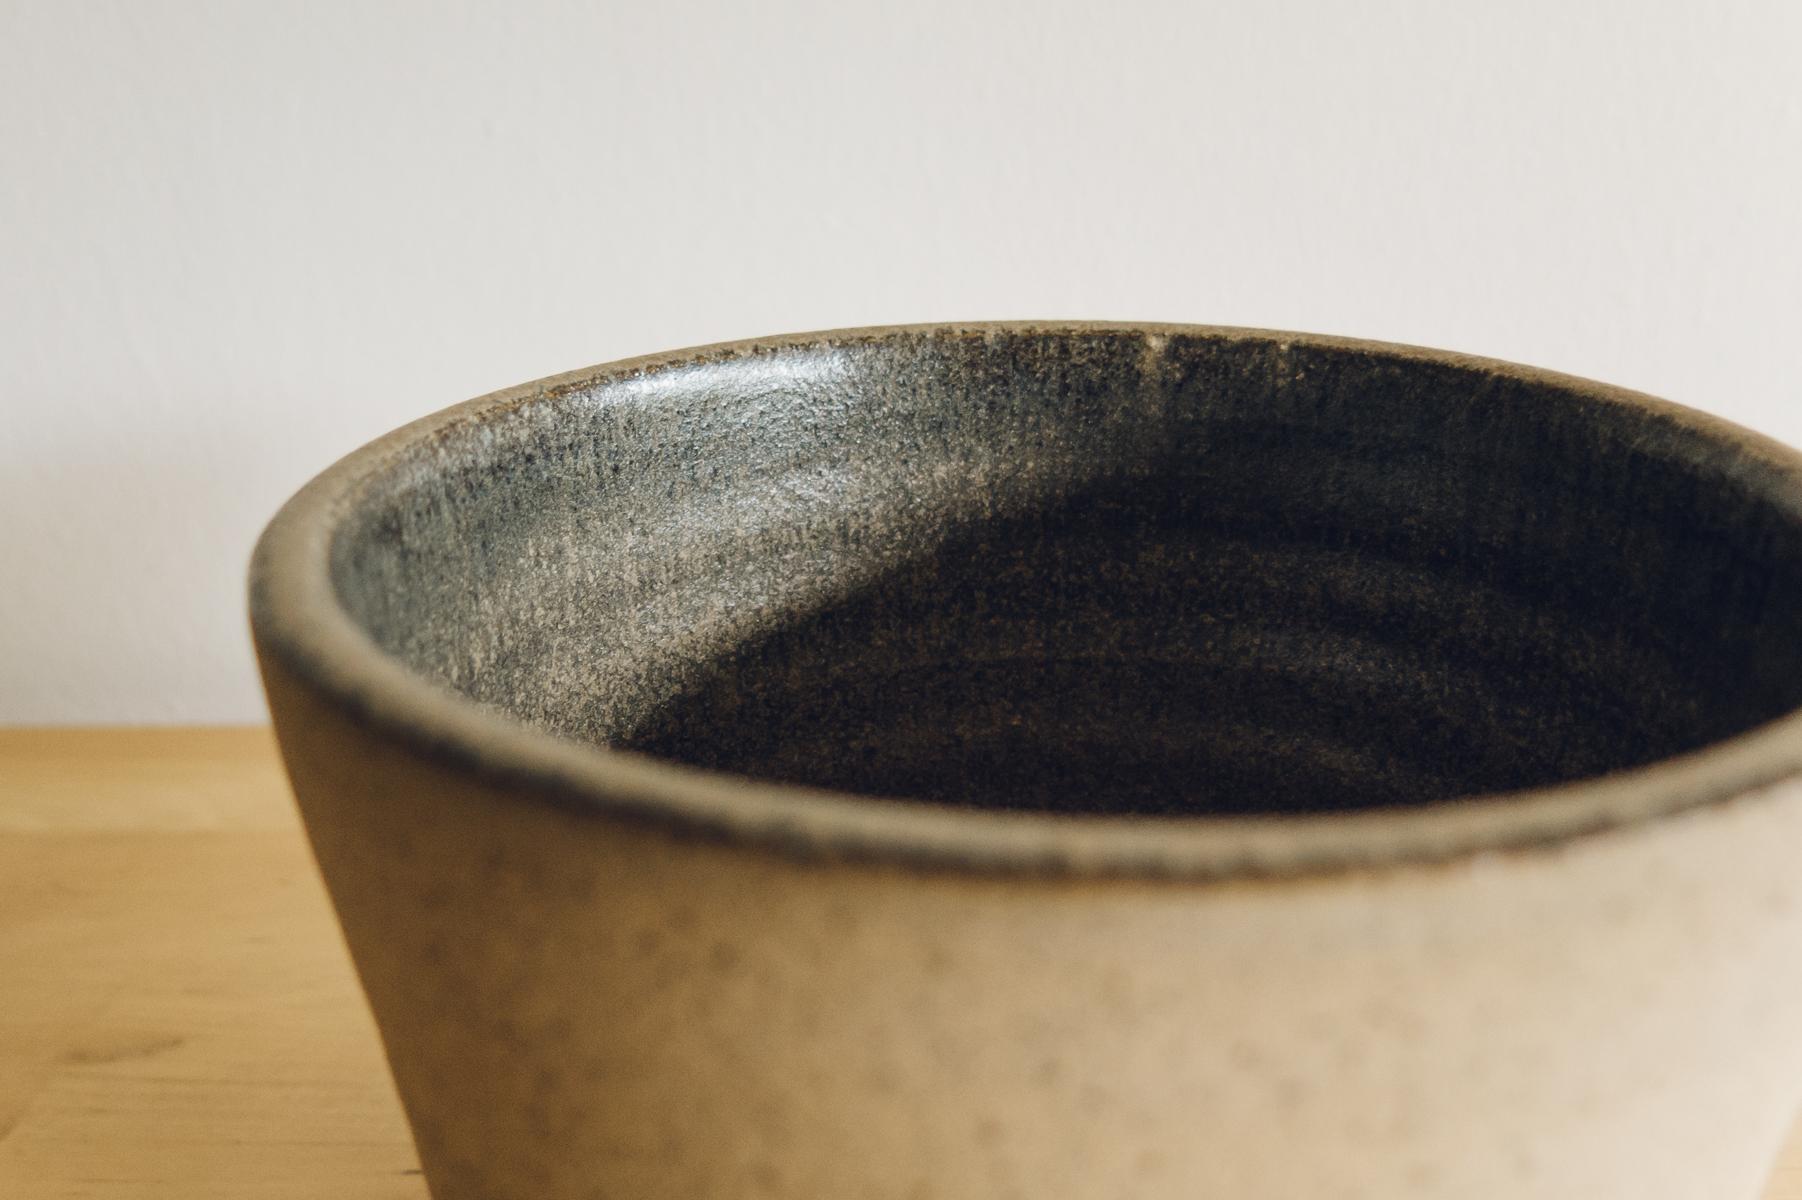 Ceramic pot with grey glaze